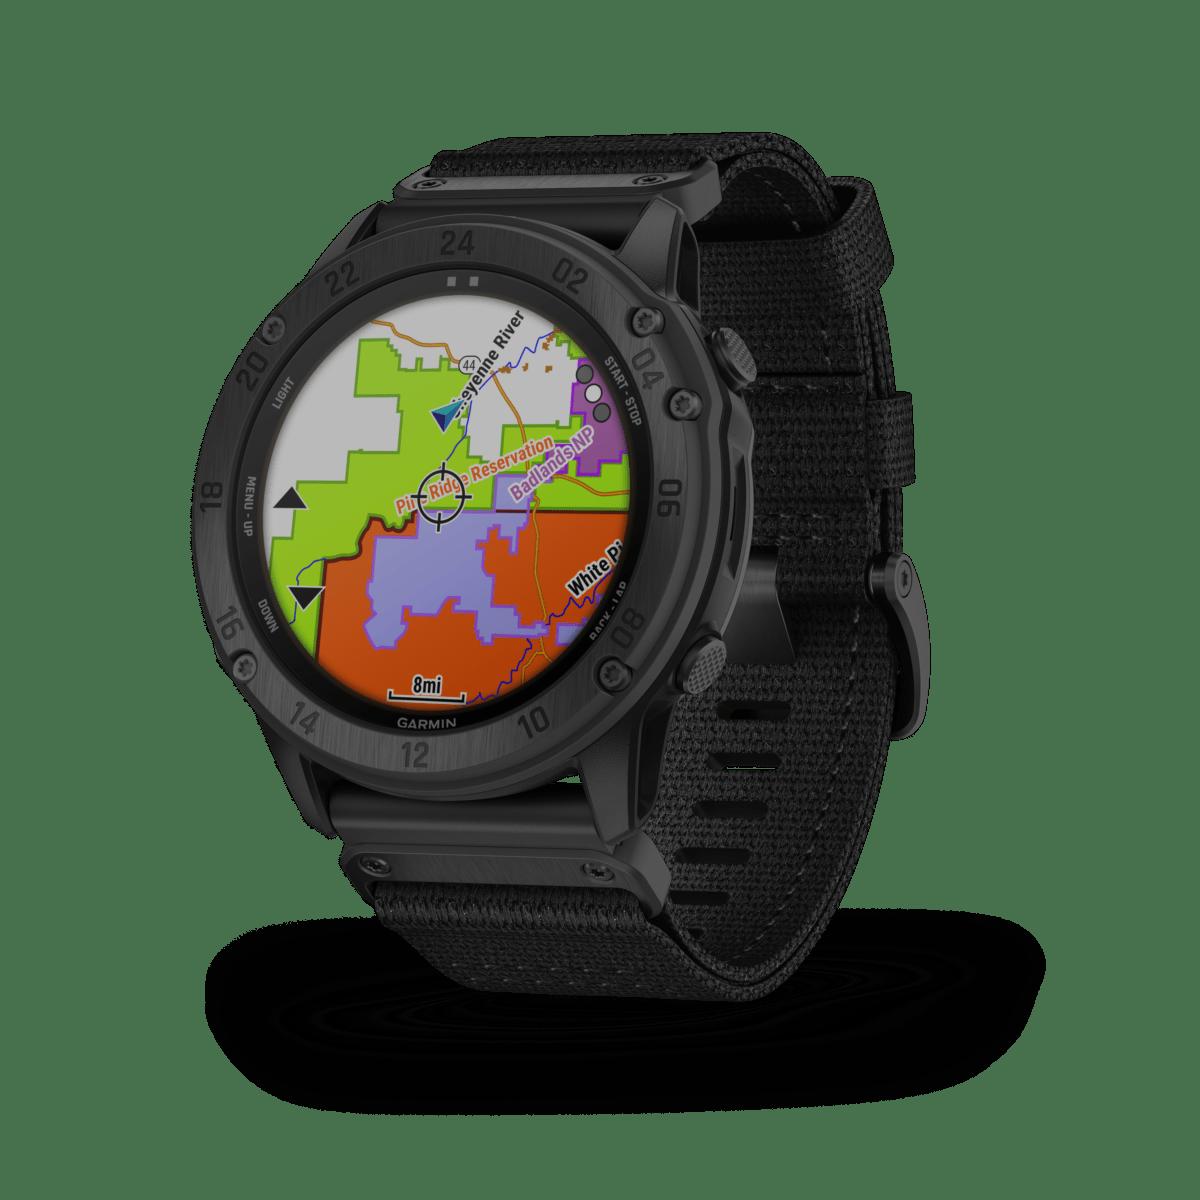 La montre Garmin tactix Delta Solar